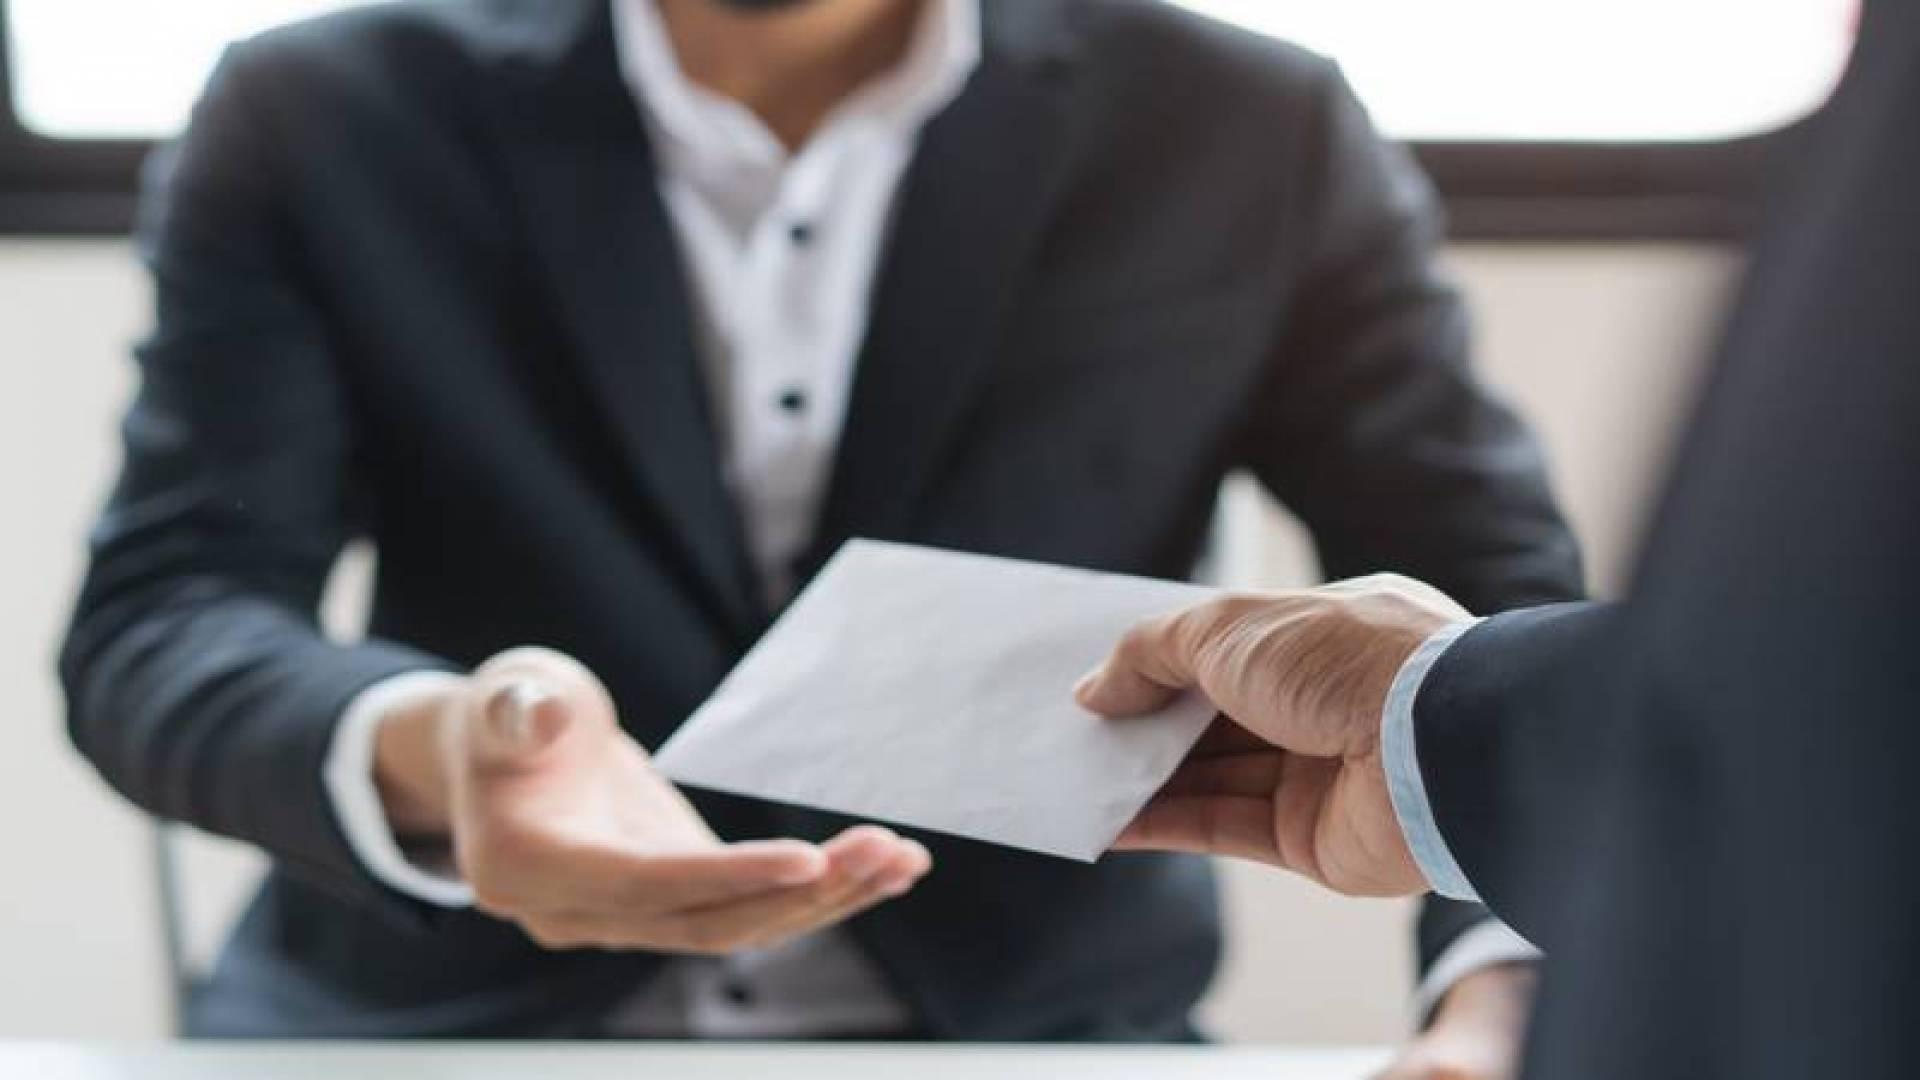 «هايز»: الرواتب ليست سبباً رئيسياً لتغيير الوظيفة في الخليج